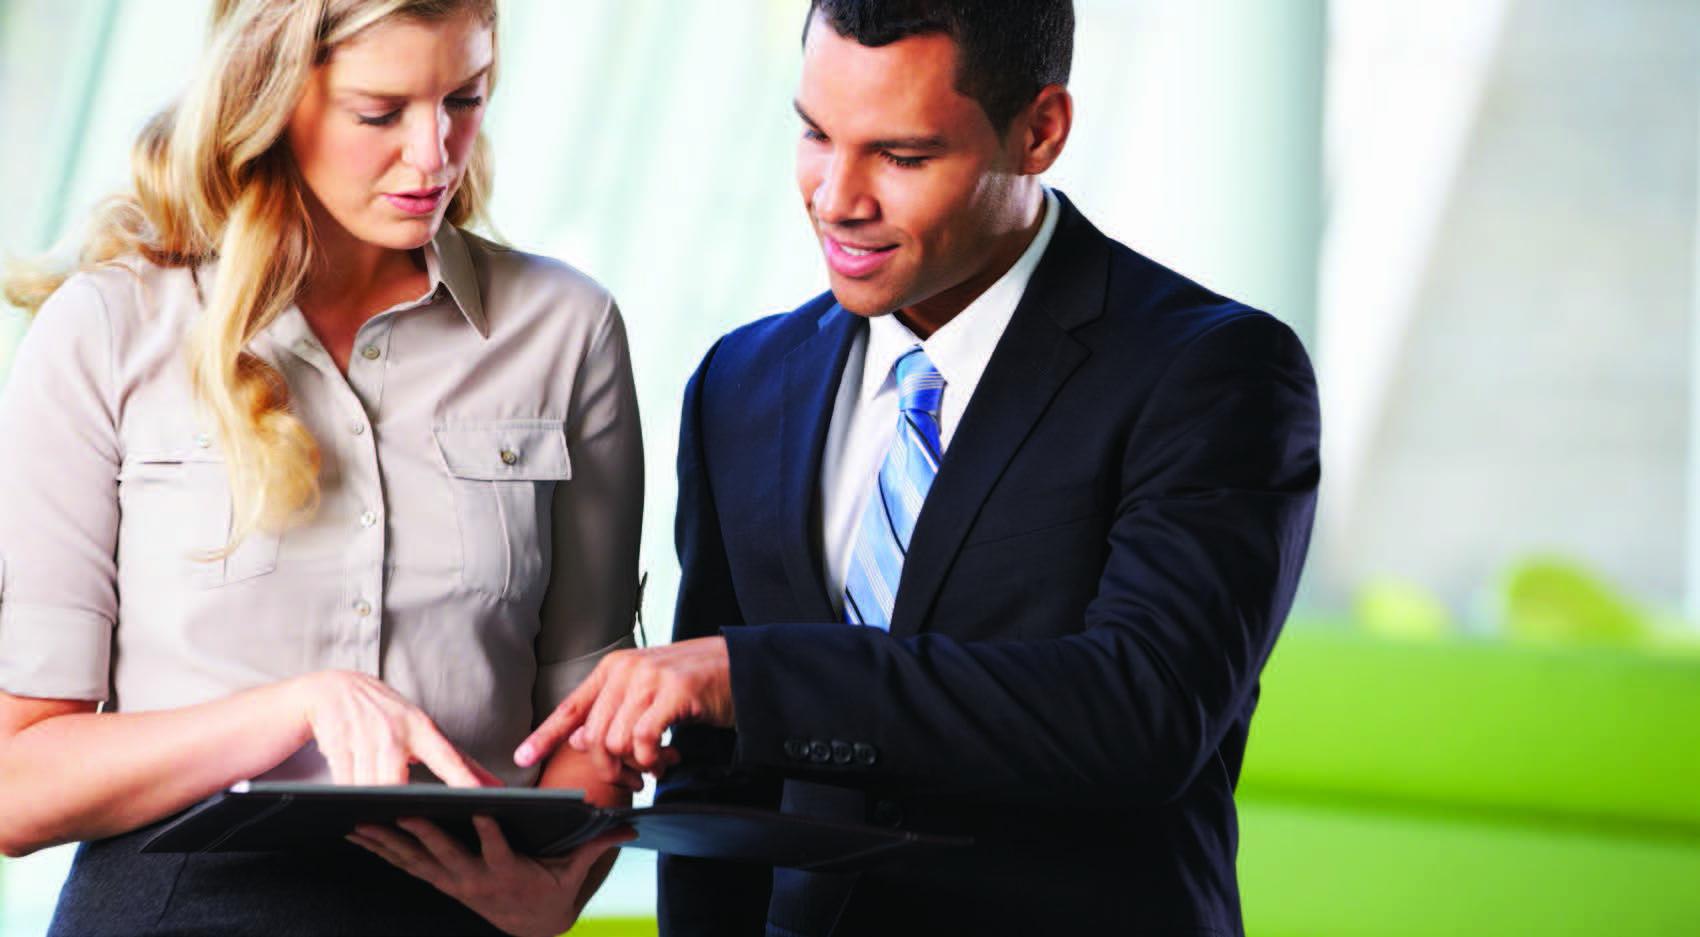 タブレットを見る2人のビジネスマン